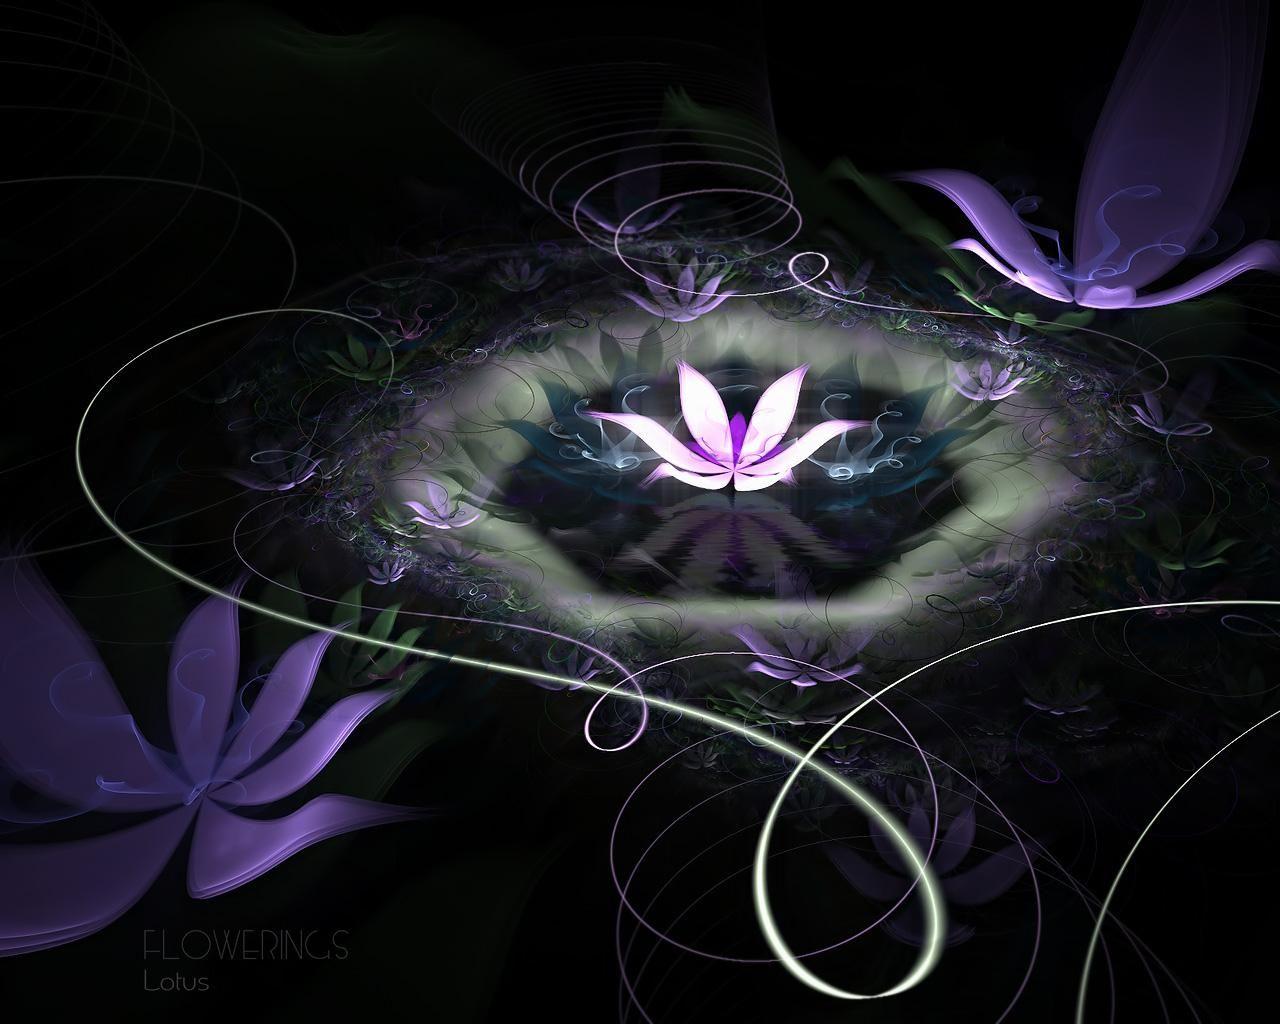 Lotus Flower Photos Free Free Download Hd Abstract Lotus Flower 1280x1024 Download Free Lotus Flower Wallpaper Fractal Art Flower Wallpaper